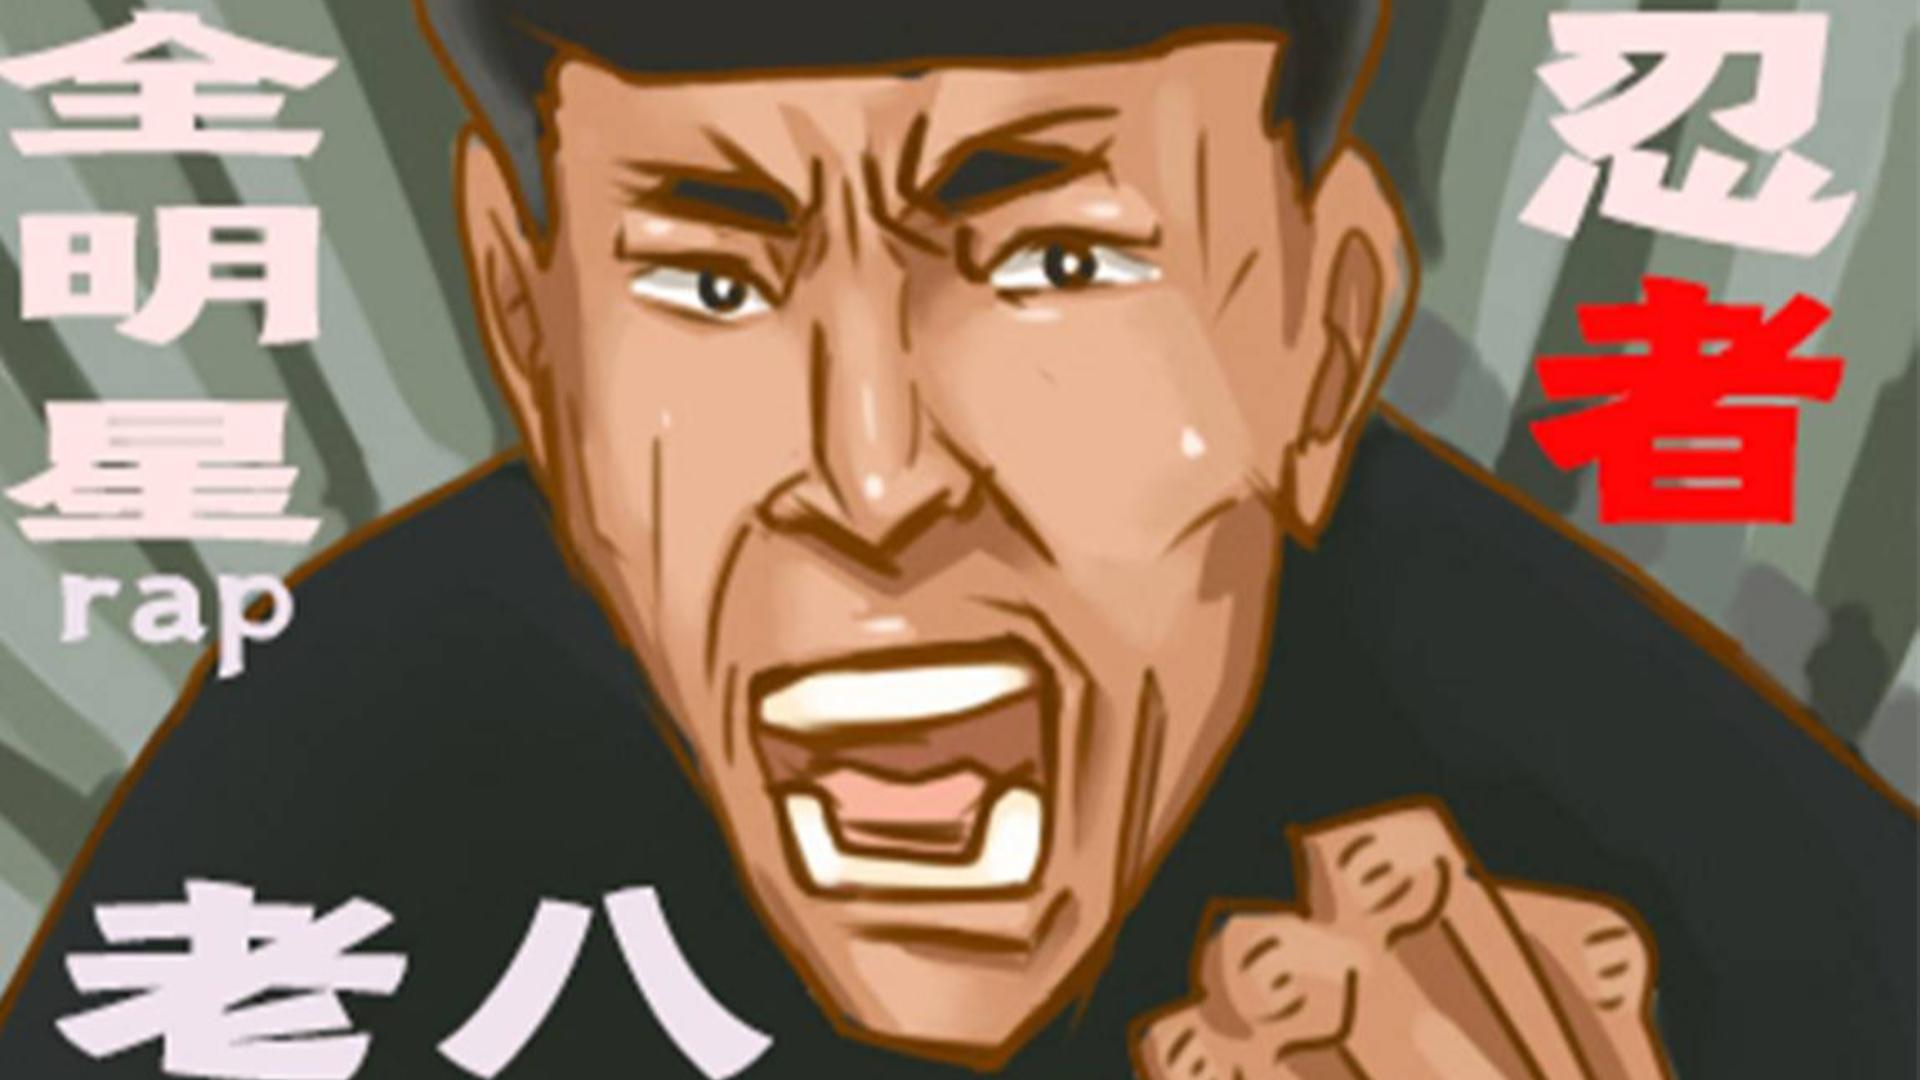 【全明星rap】忍者老八